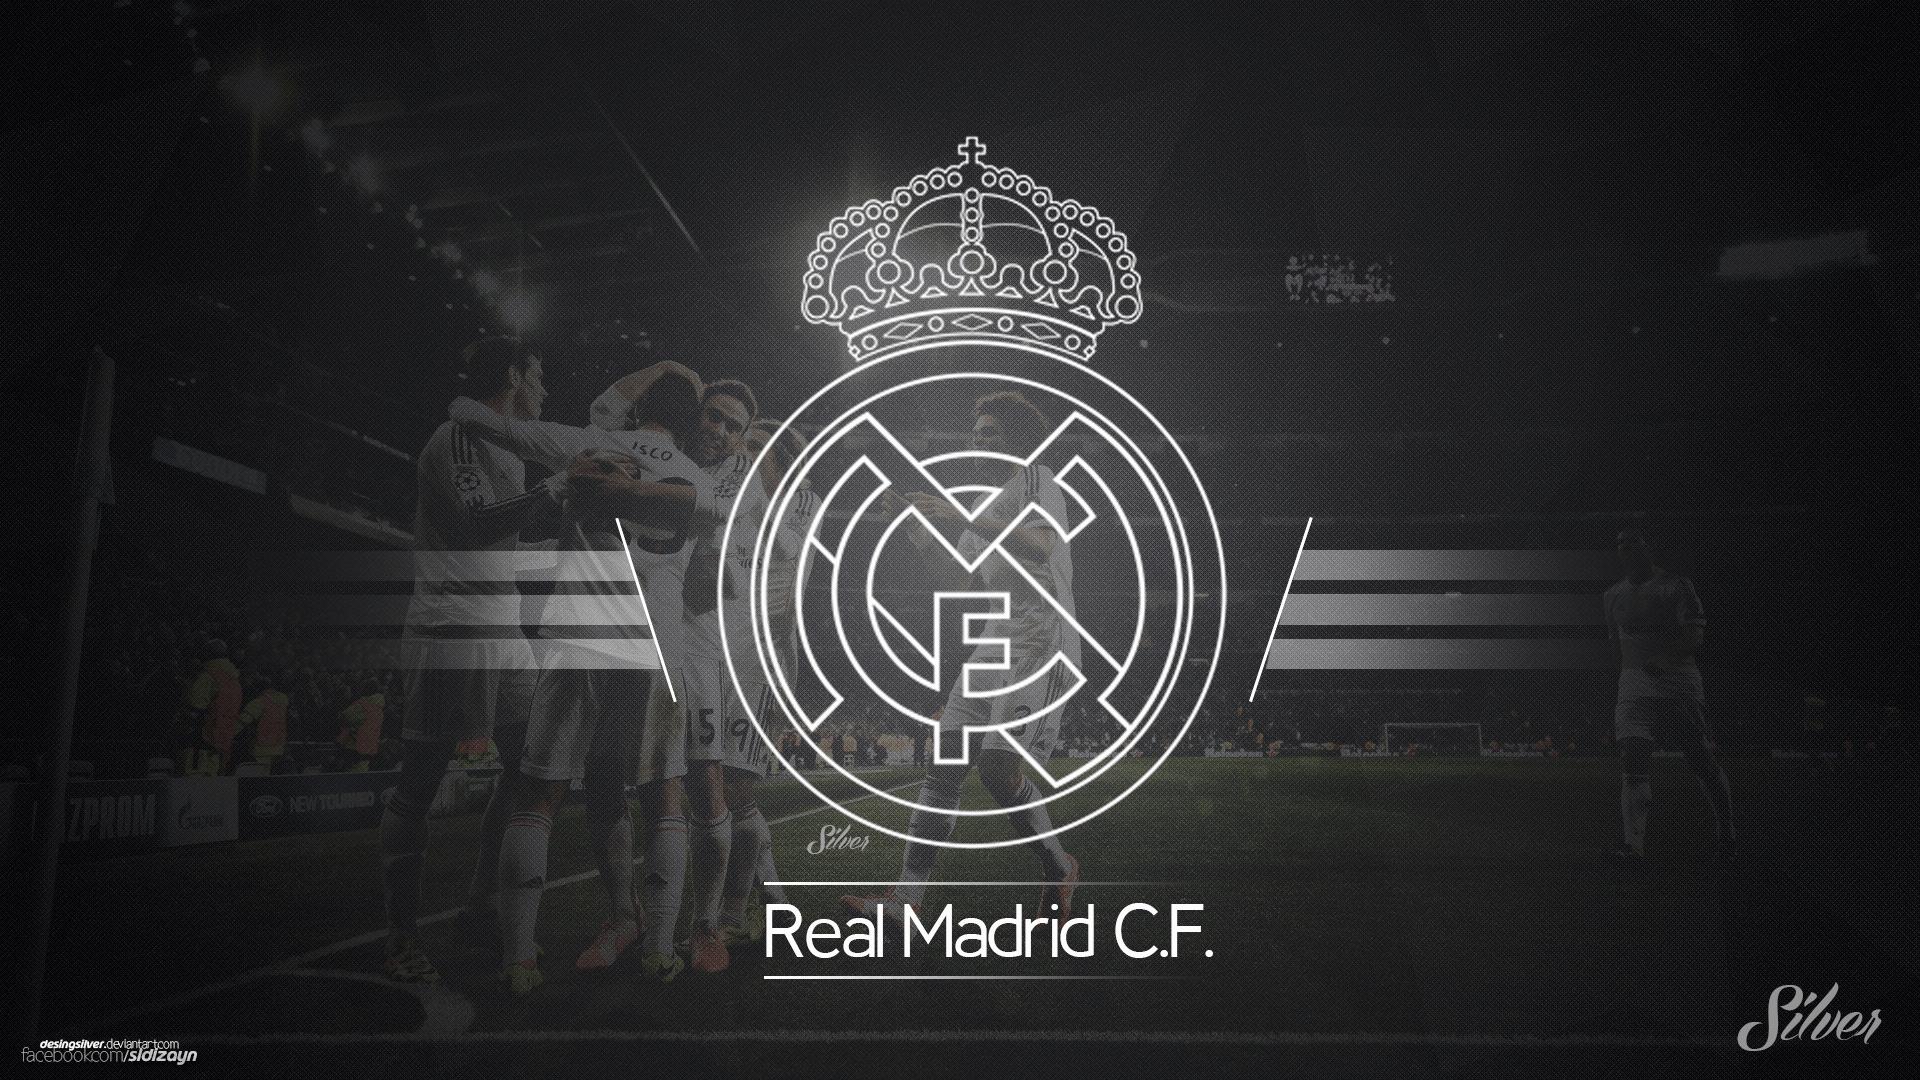 Real Madrid Wallpapers Hd 2016 Wallpaper Cave Fondos De